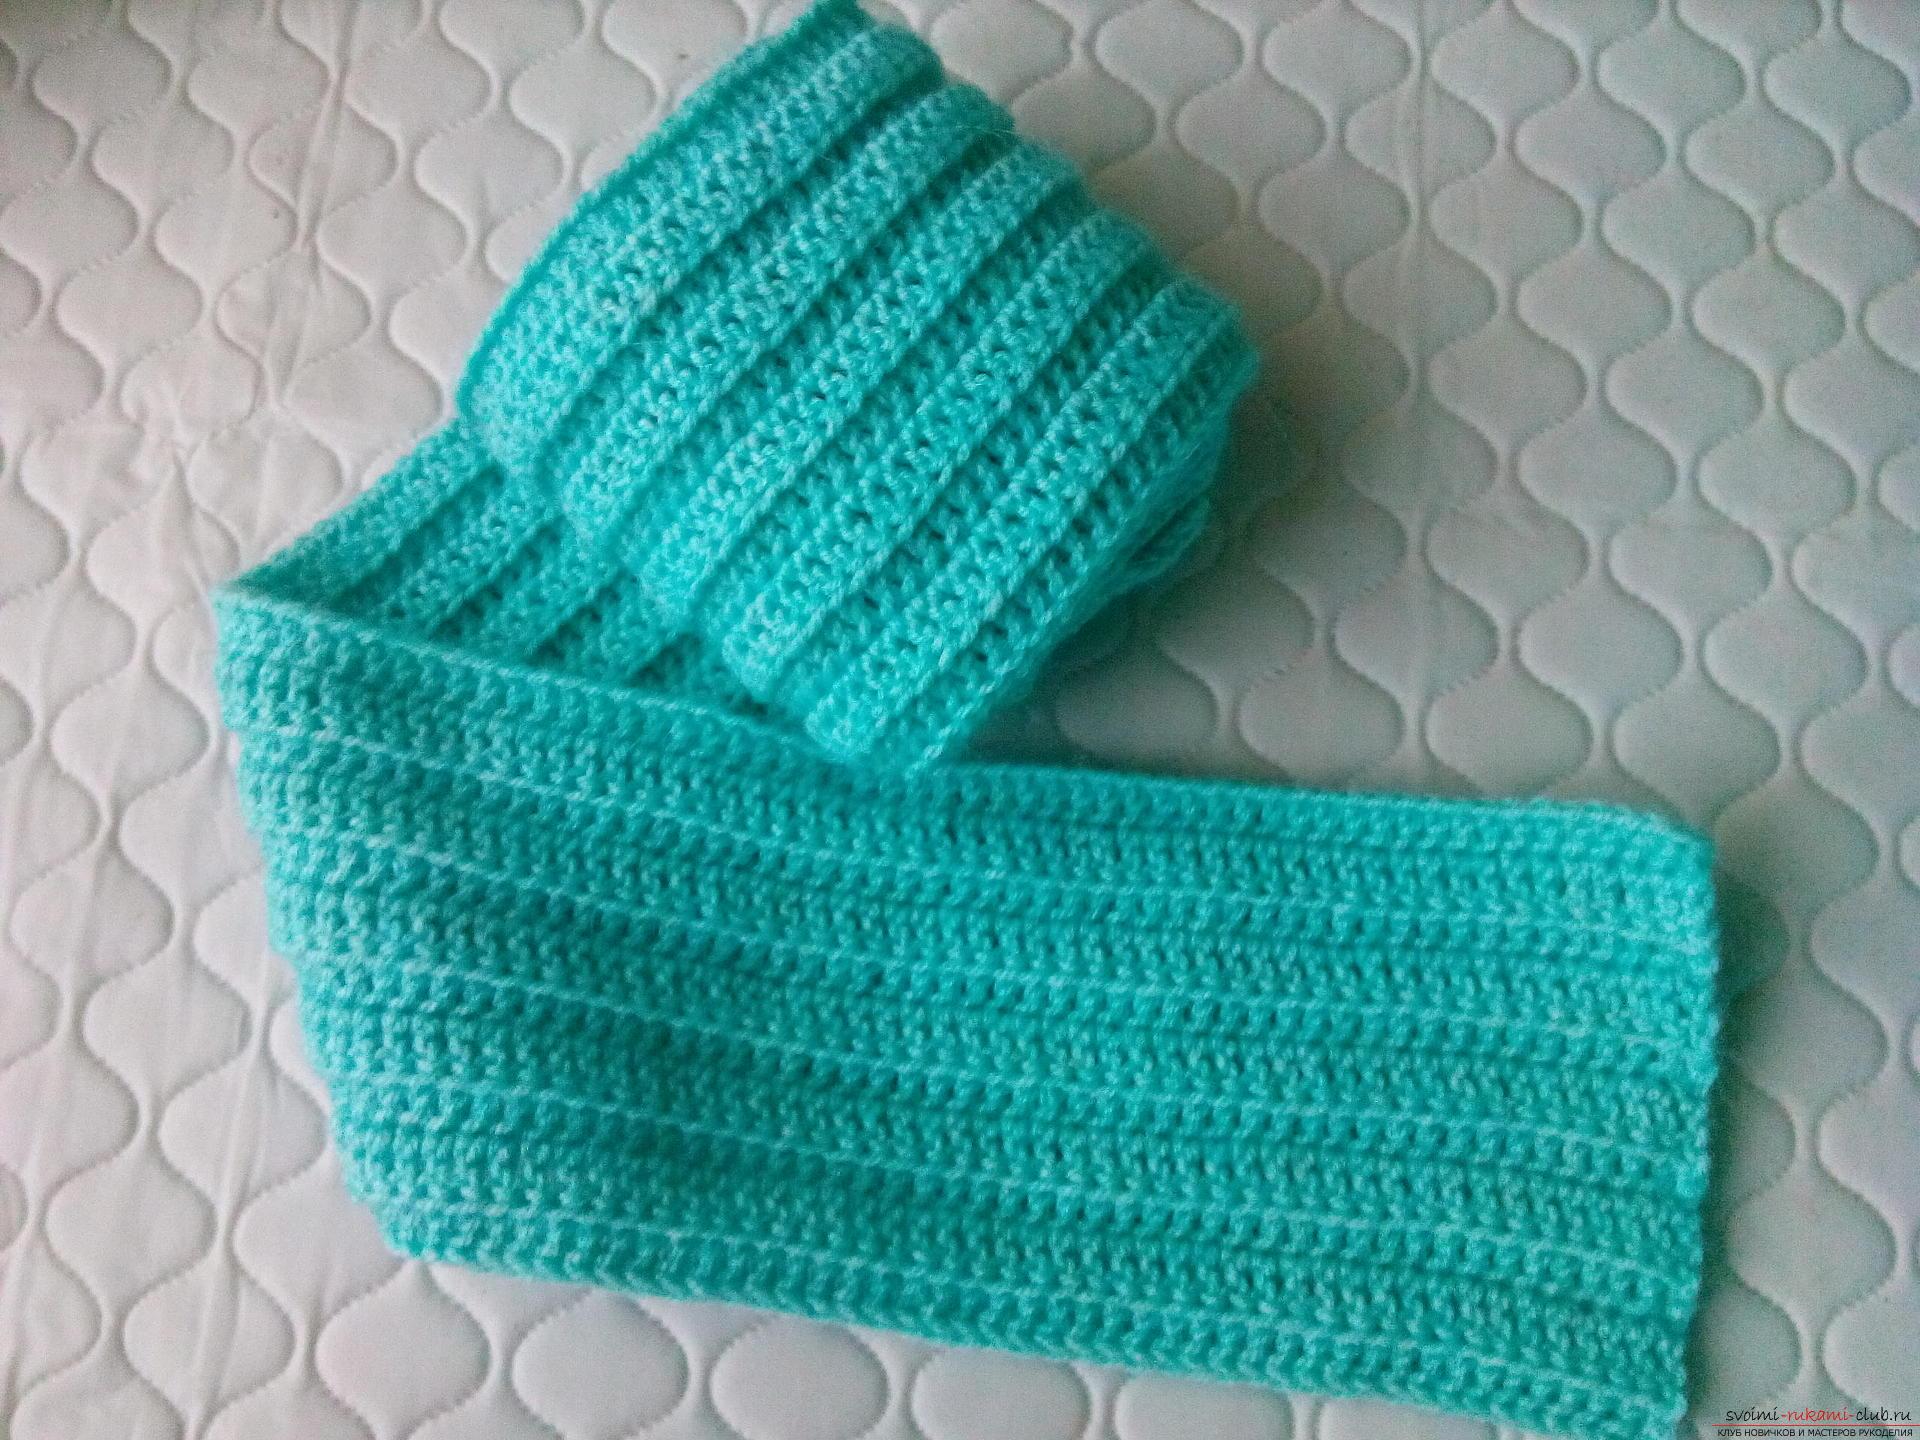 Пошаговое описание и фото вязания крючком комплекта для мальчика из шапочки и шарфа. Фото №18